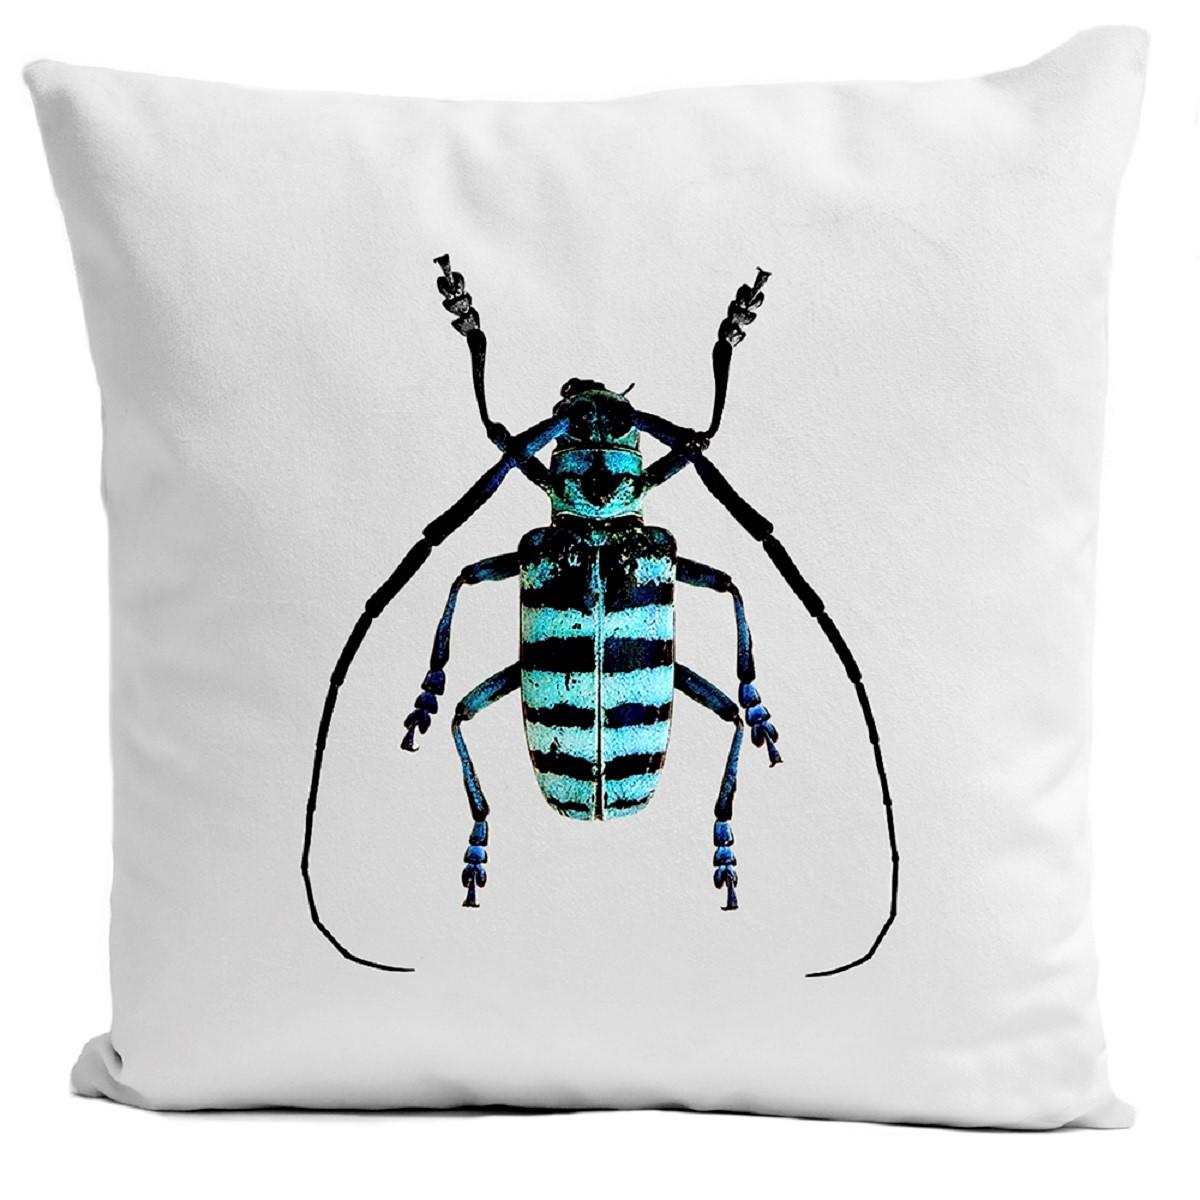 Coussin velours carré imprimé insectes blanc 40x40